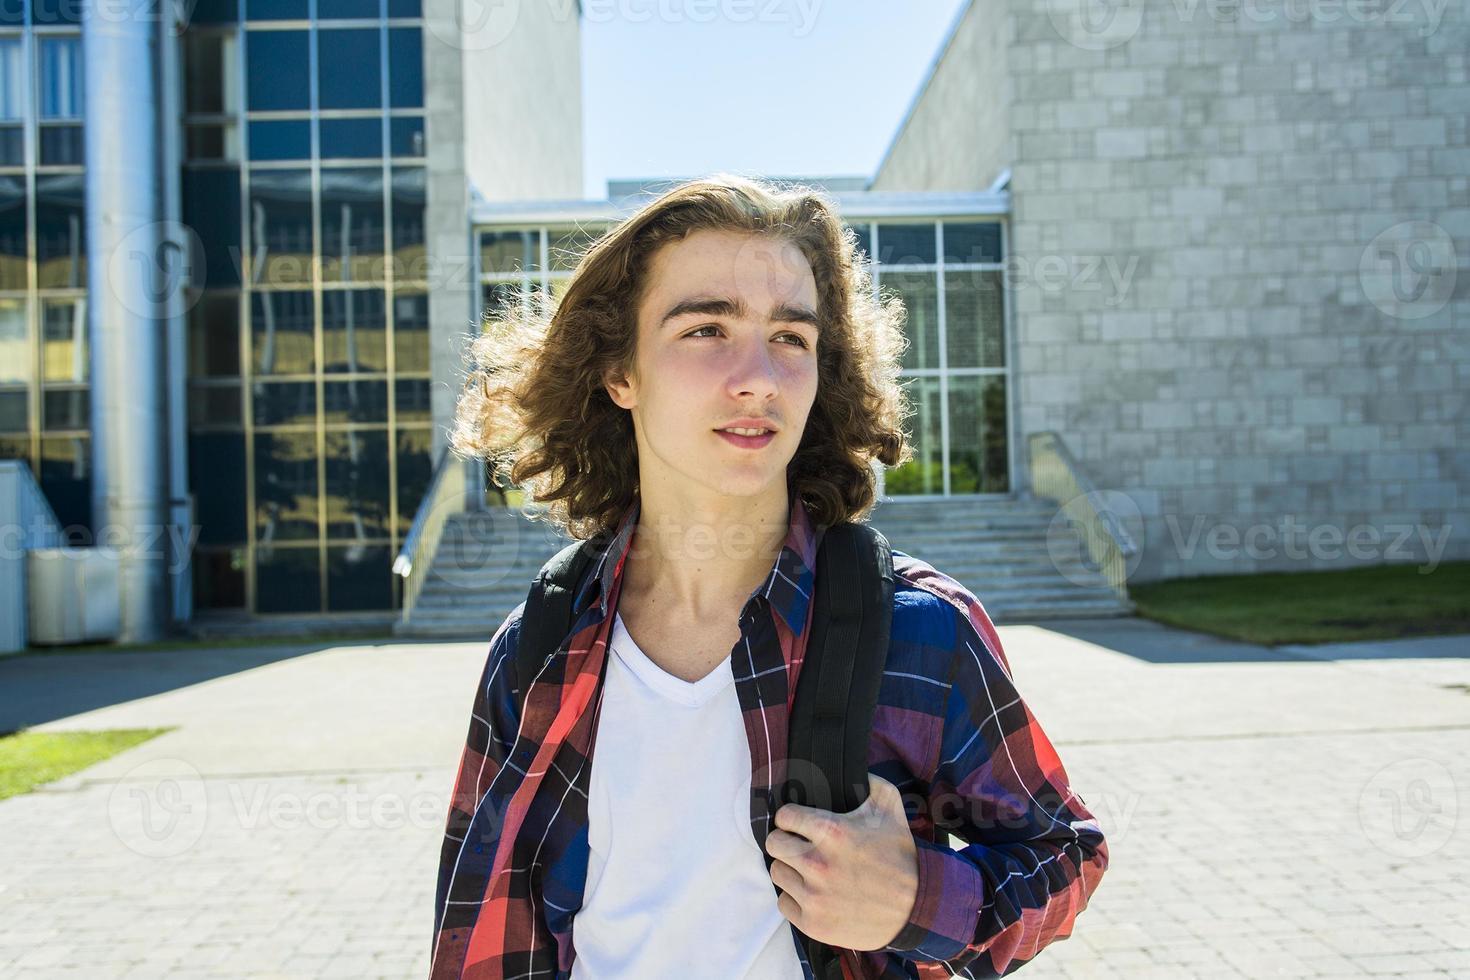 giovane studente maschio bello al college, all'aperto foto